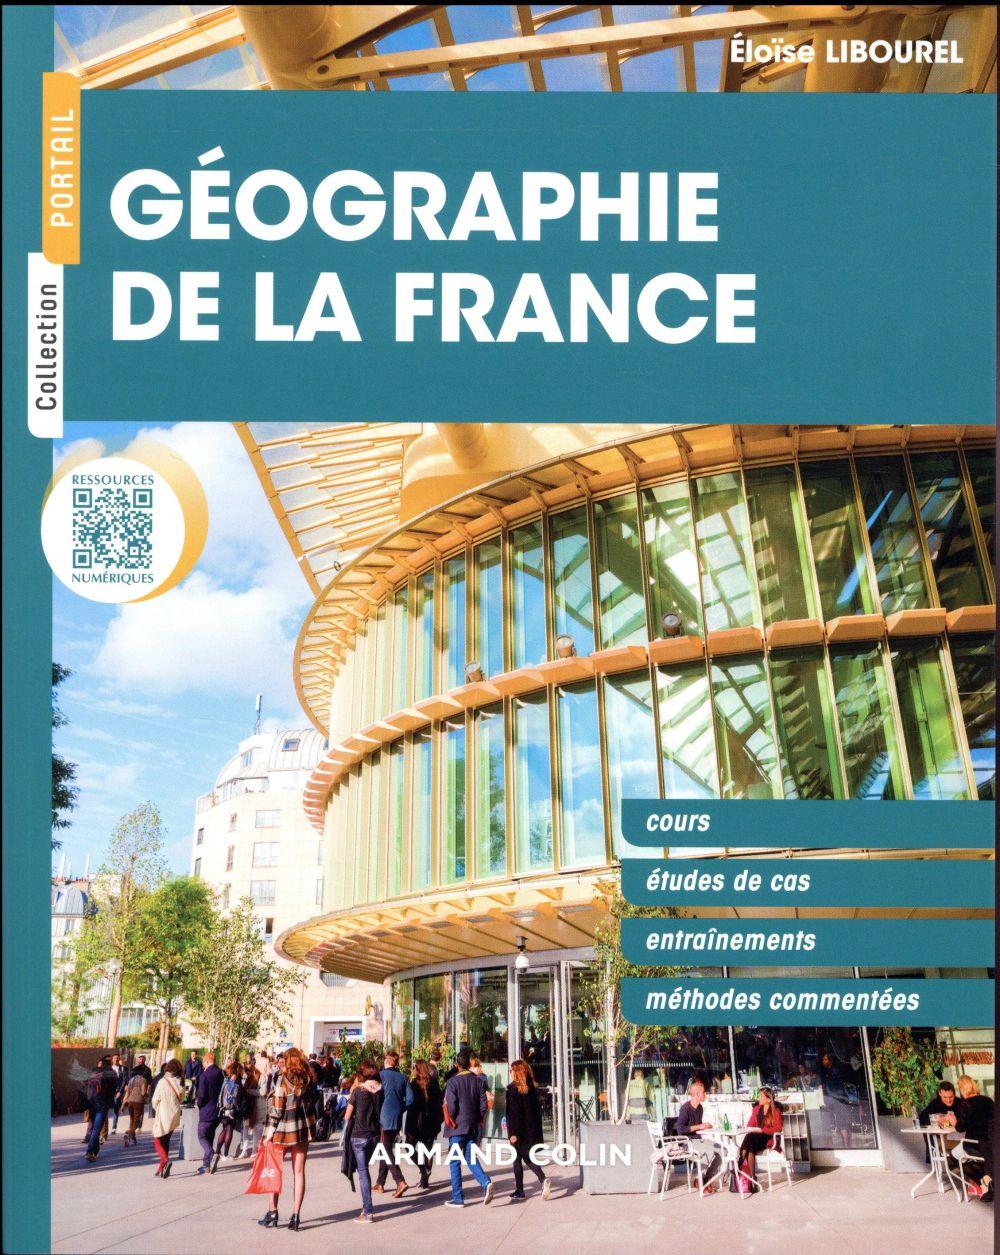 GEOGRAPHIE DE LA FRANCE LIBOUREL ELOISE NATHAN